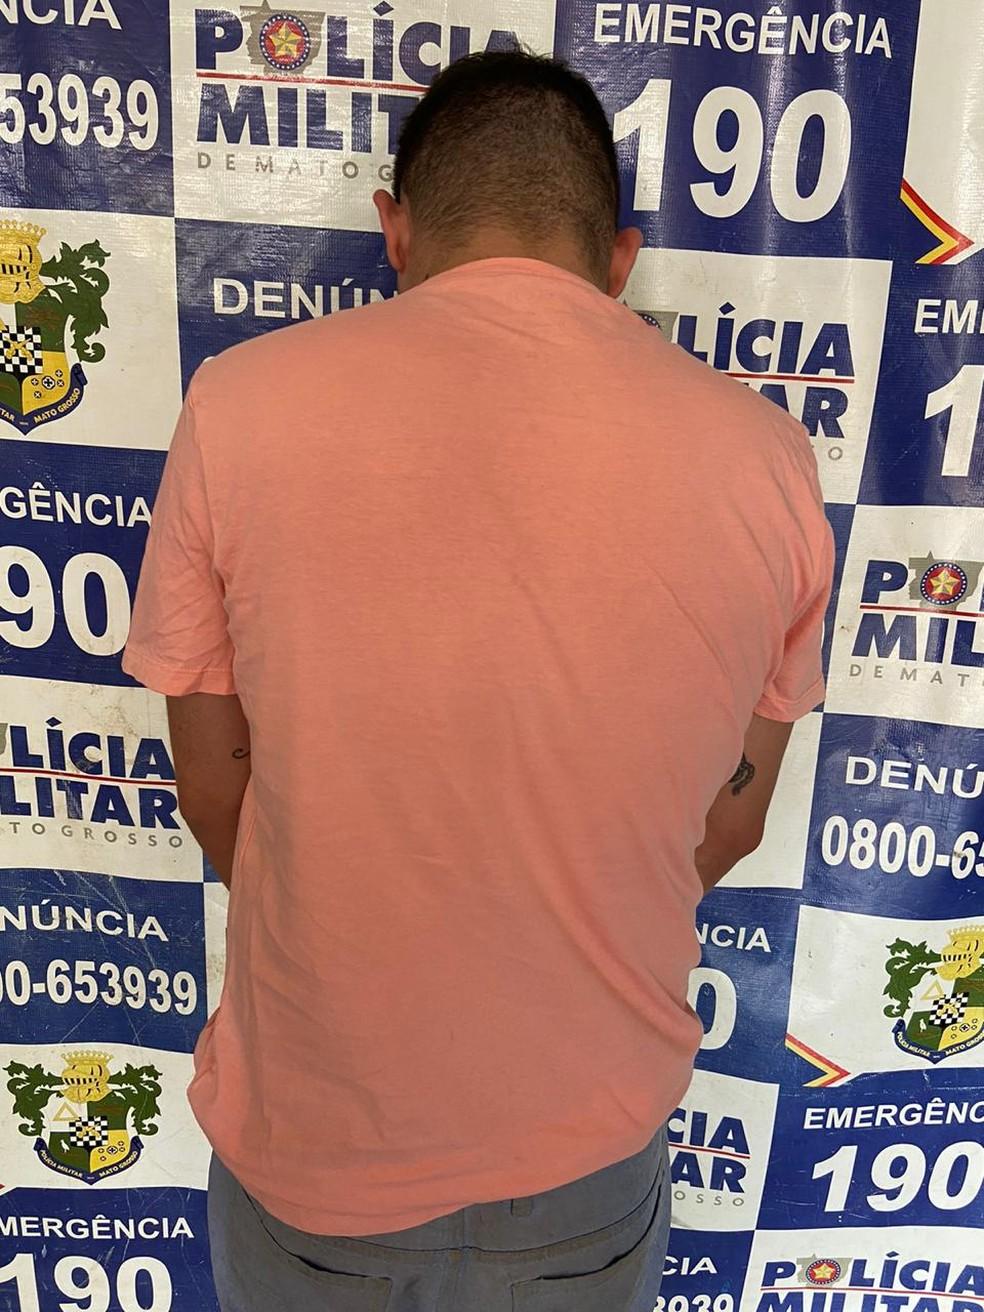 Suspeito foi encontrado pela polícia e preso — Foto: Polícia Militar/Divulgação